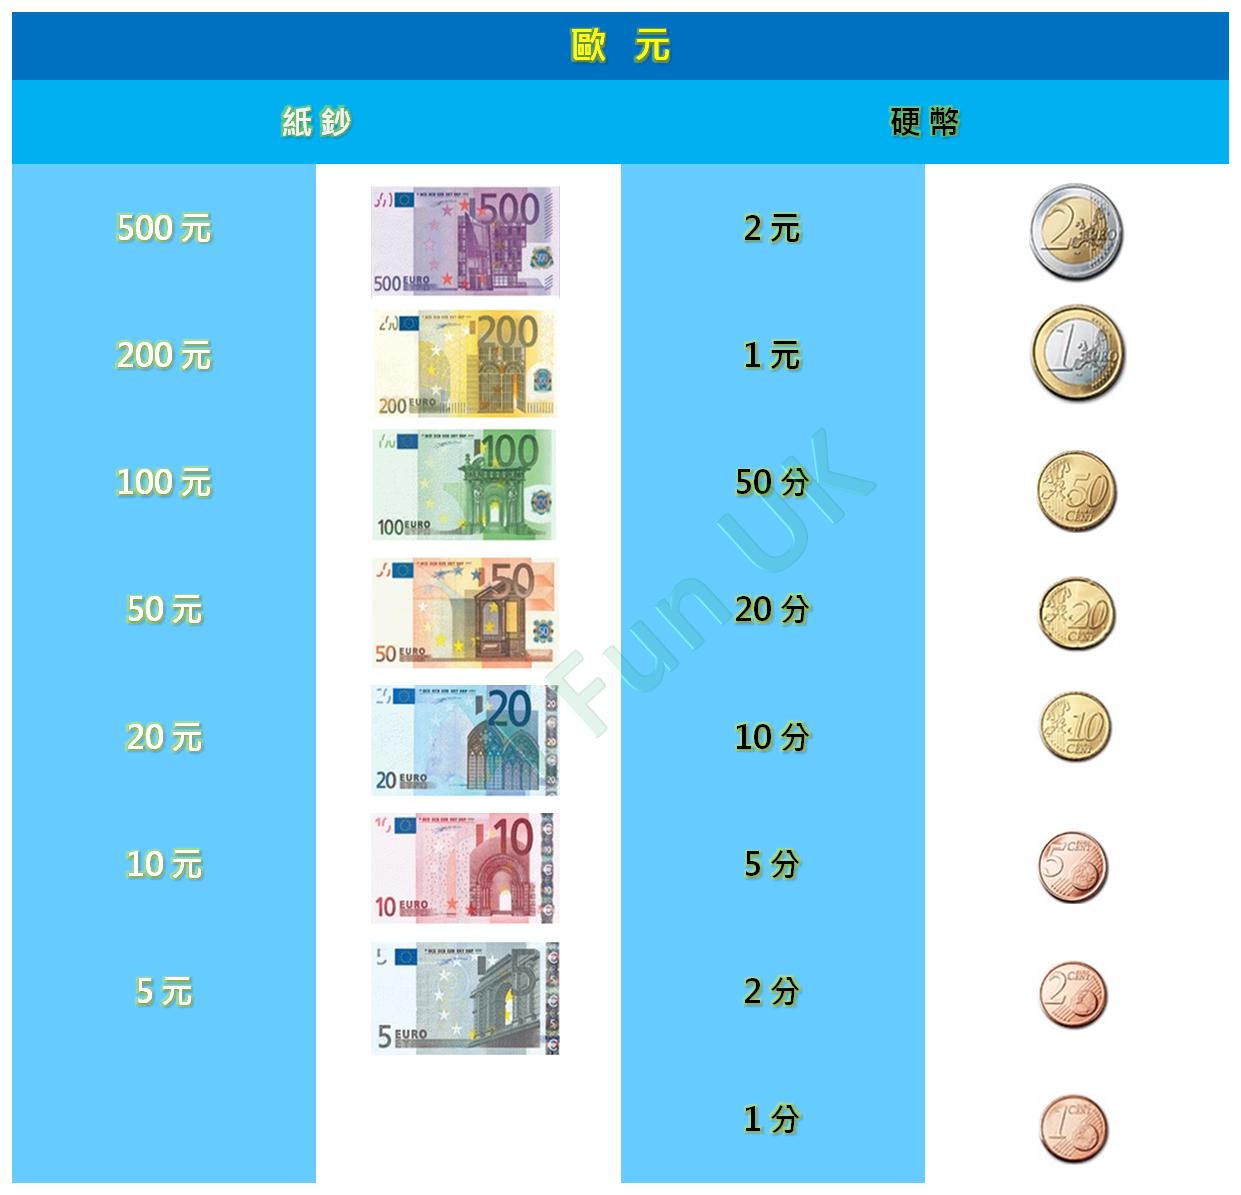 歐元貨幣一覽表